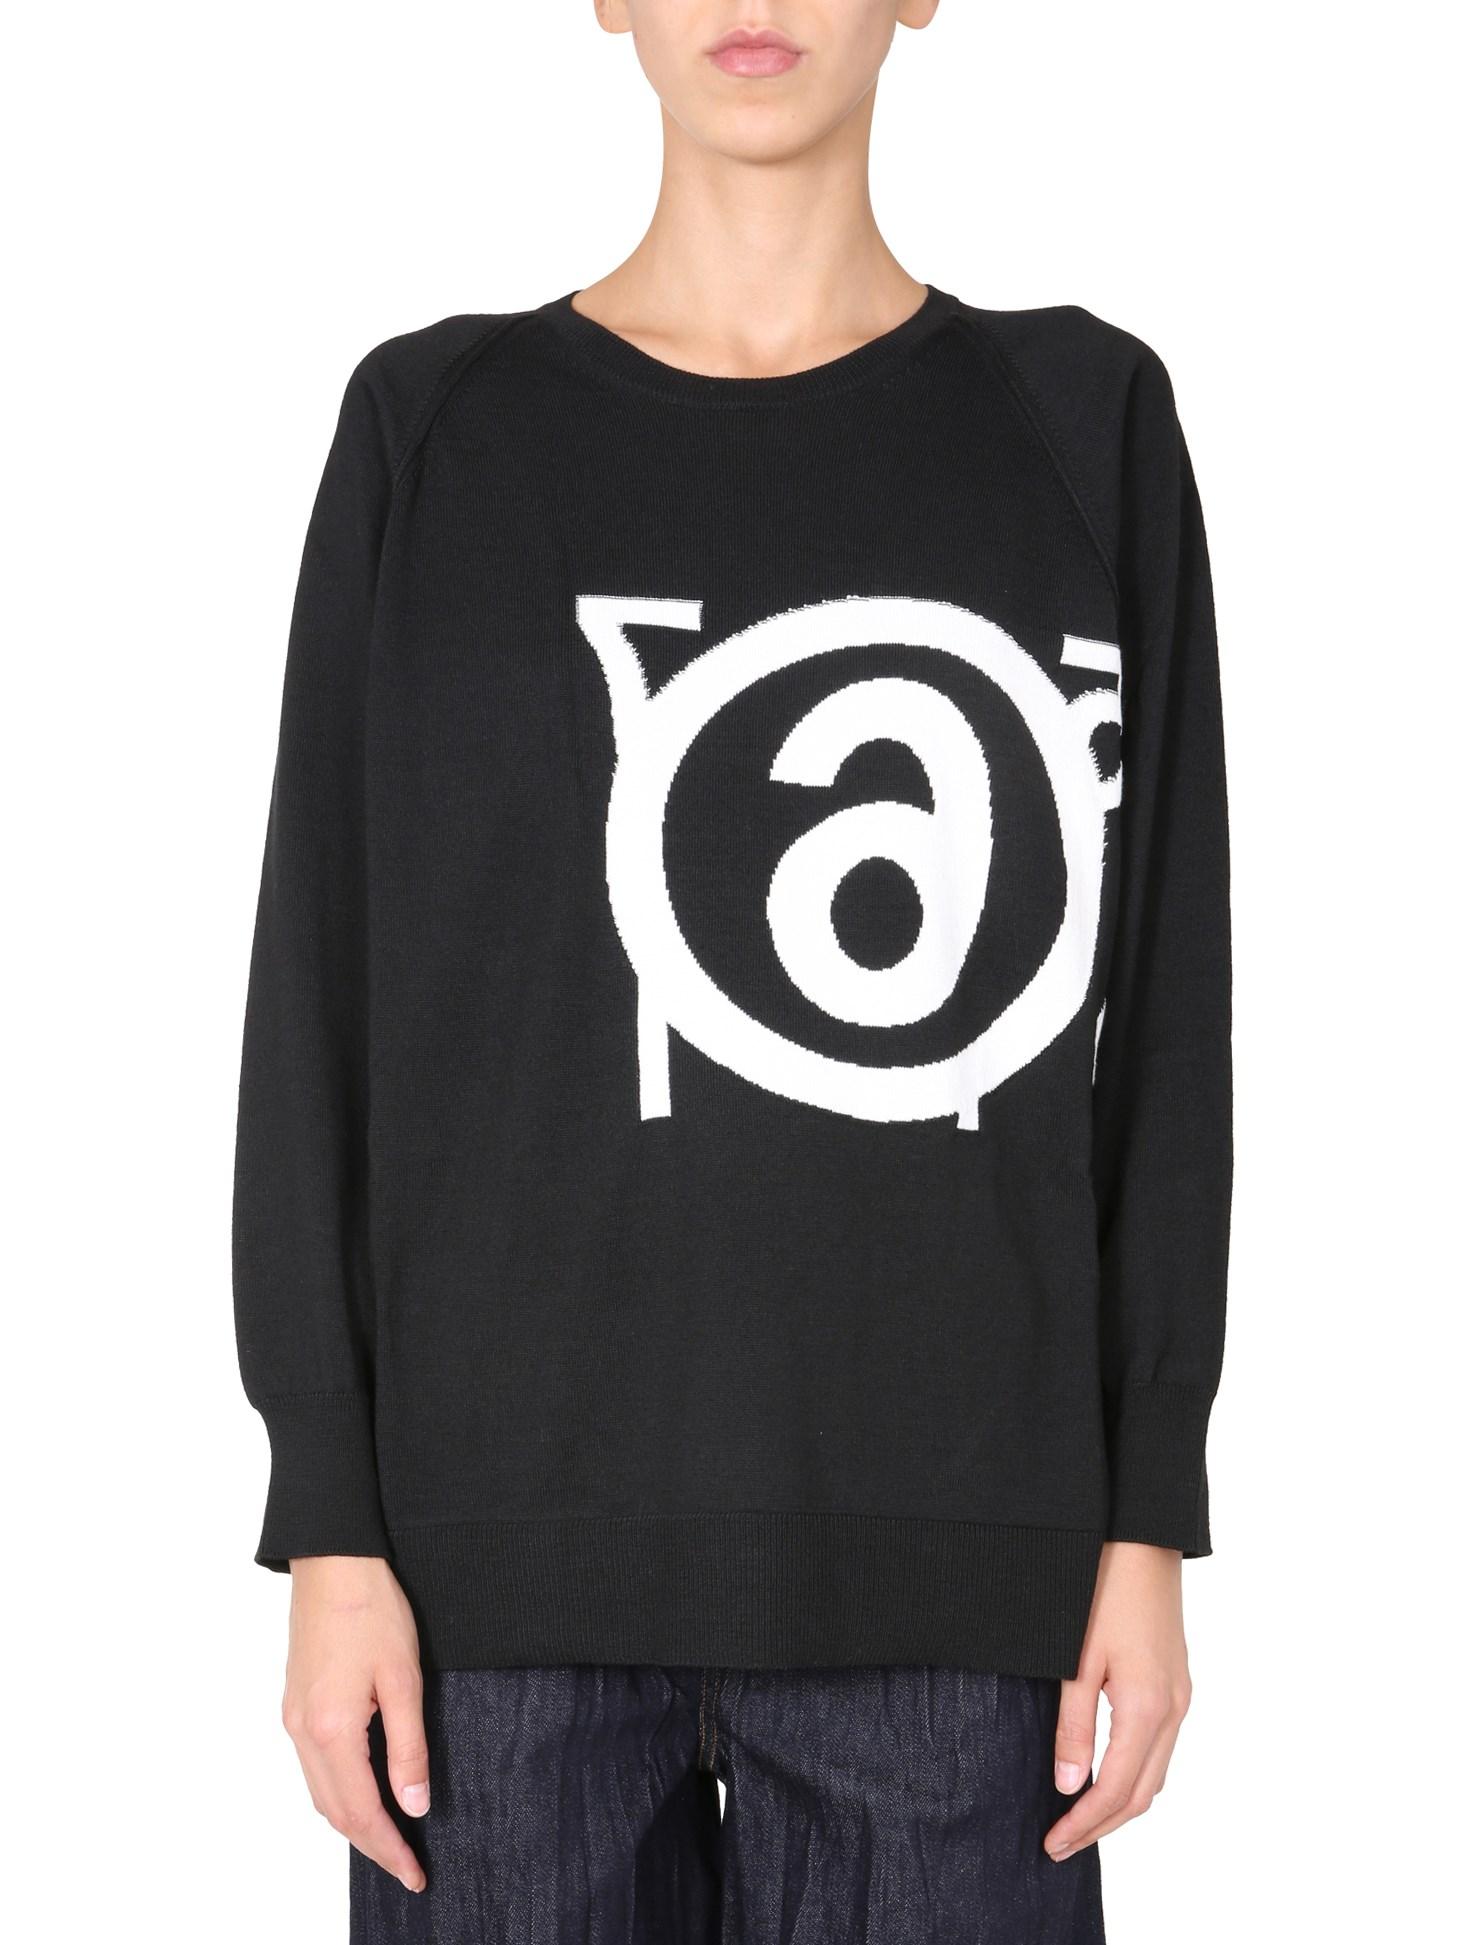 mm6 maison margiela round neck sweater